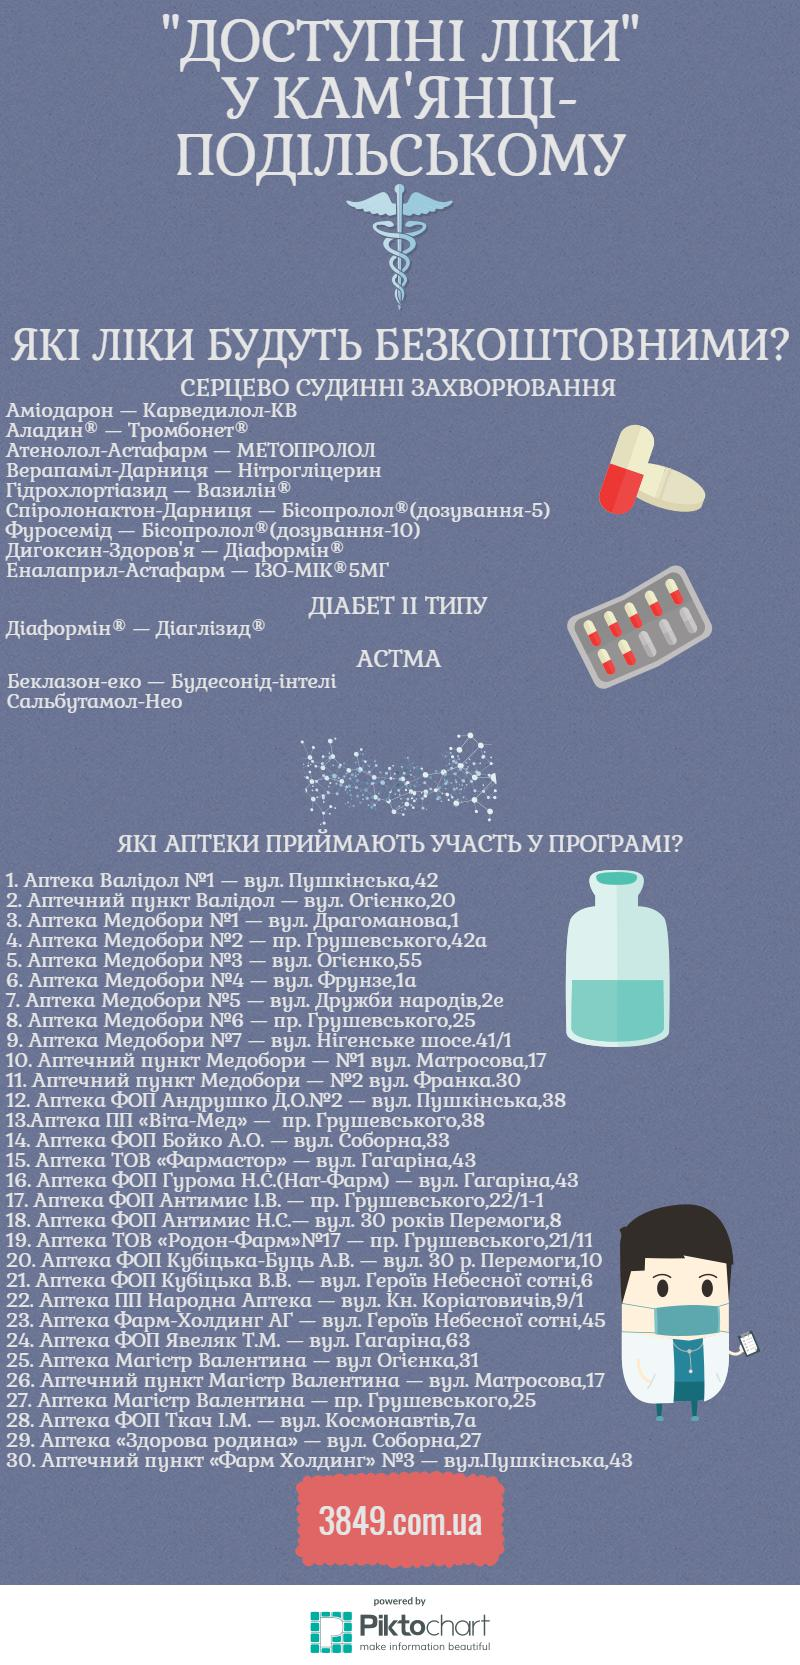 """Програма """"Доступні ліки"""" у Кам'янці-Подільському, фото-1"""